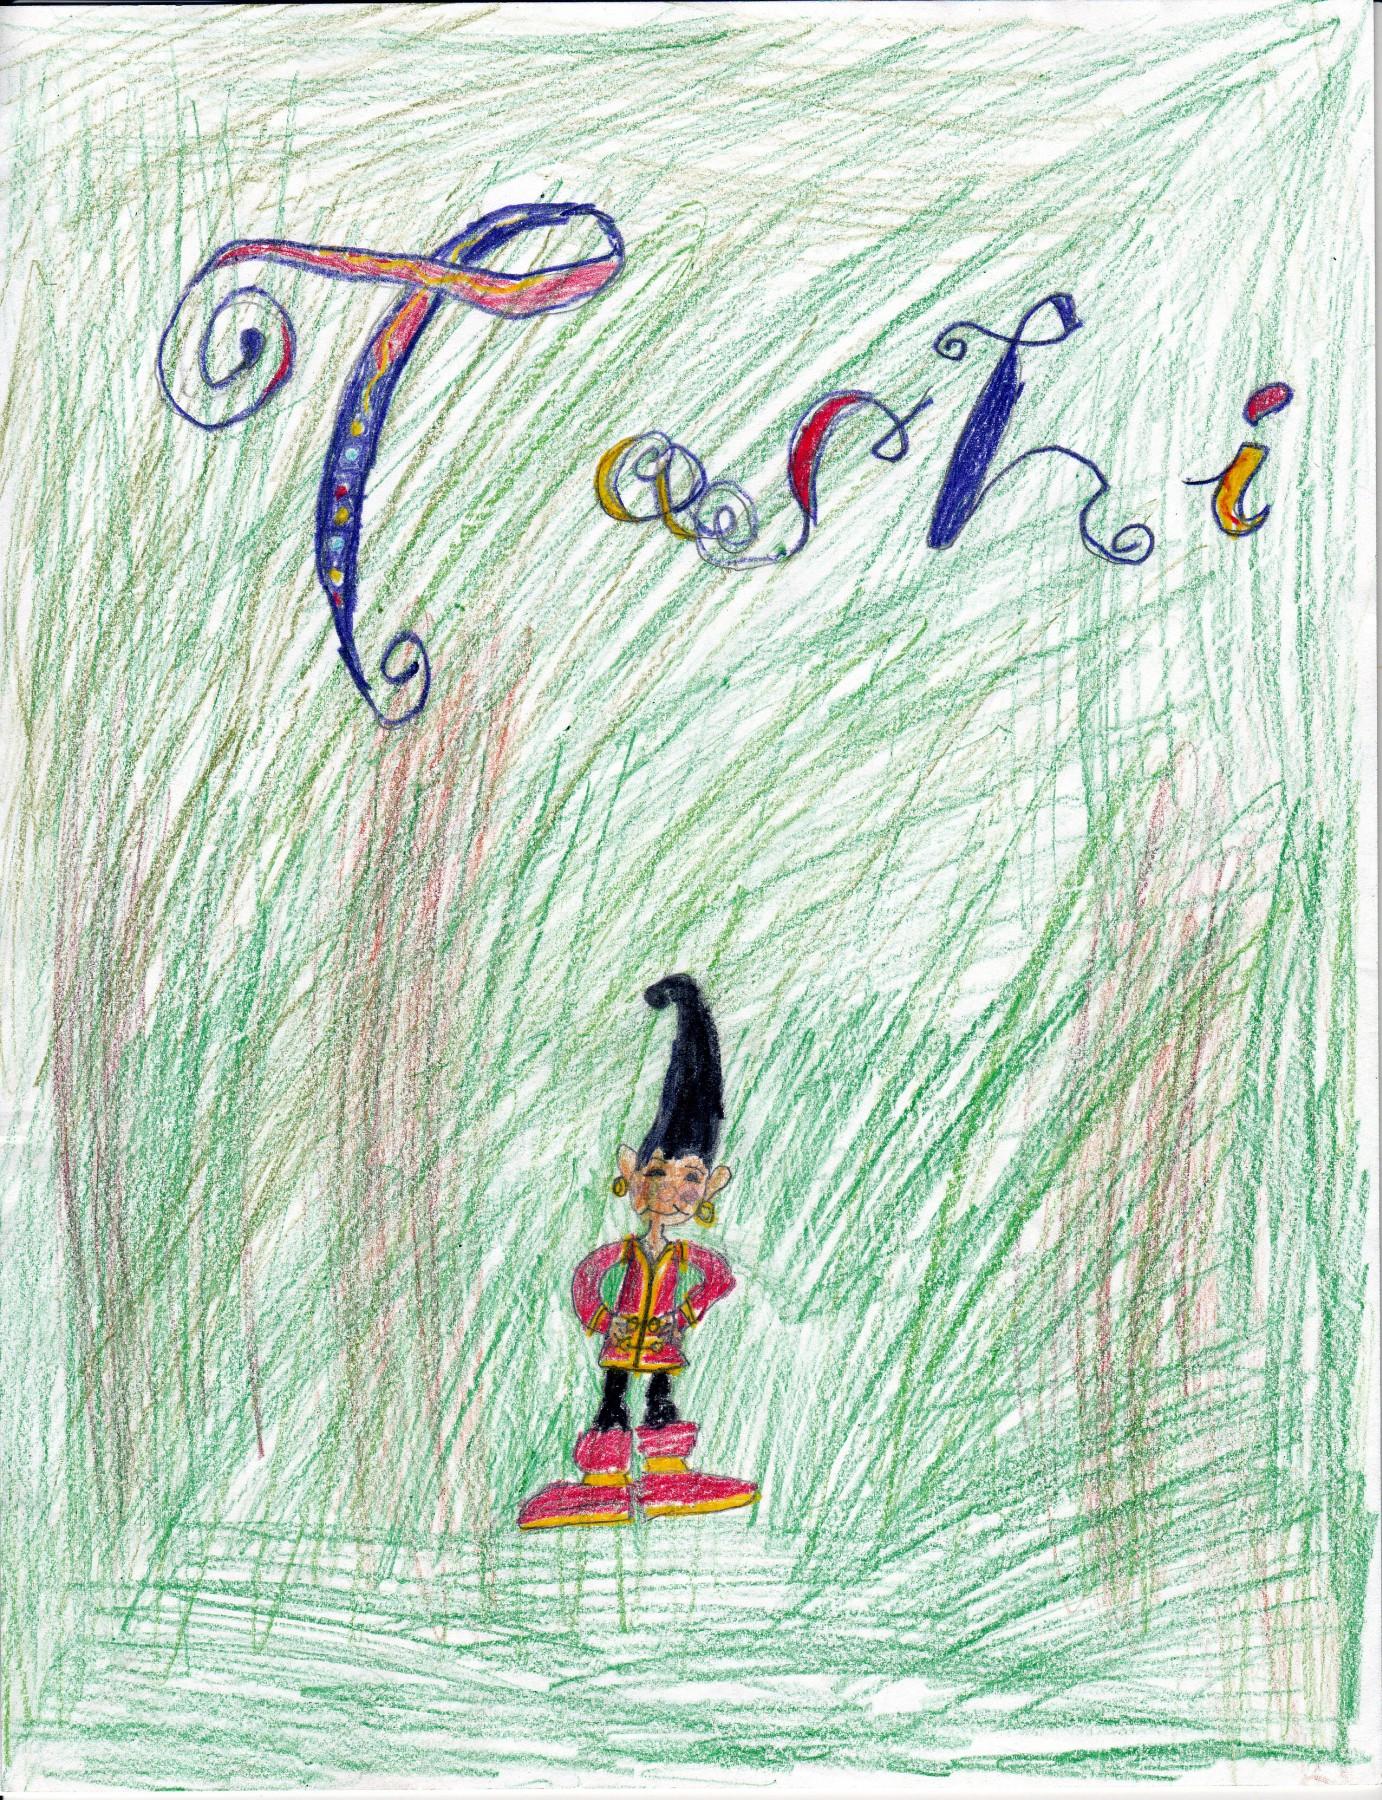 Bronwyn Lovett - Age 11